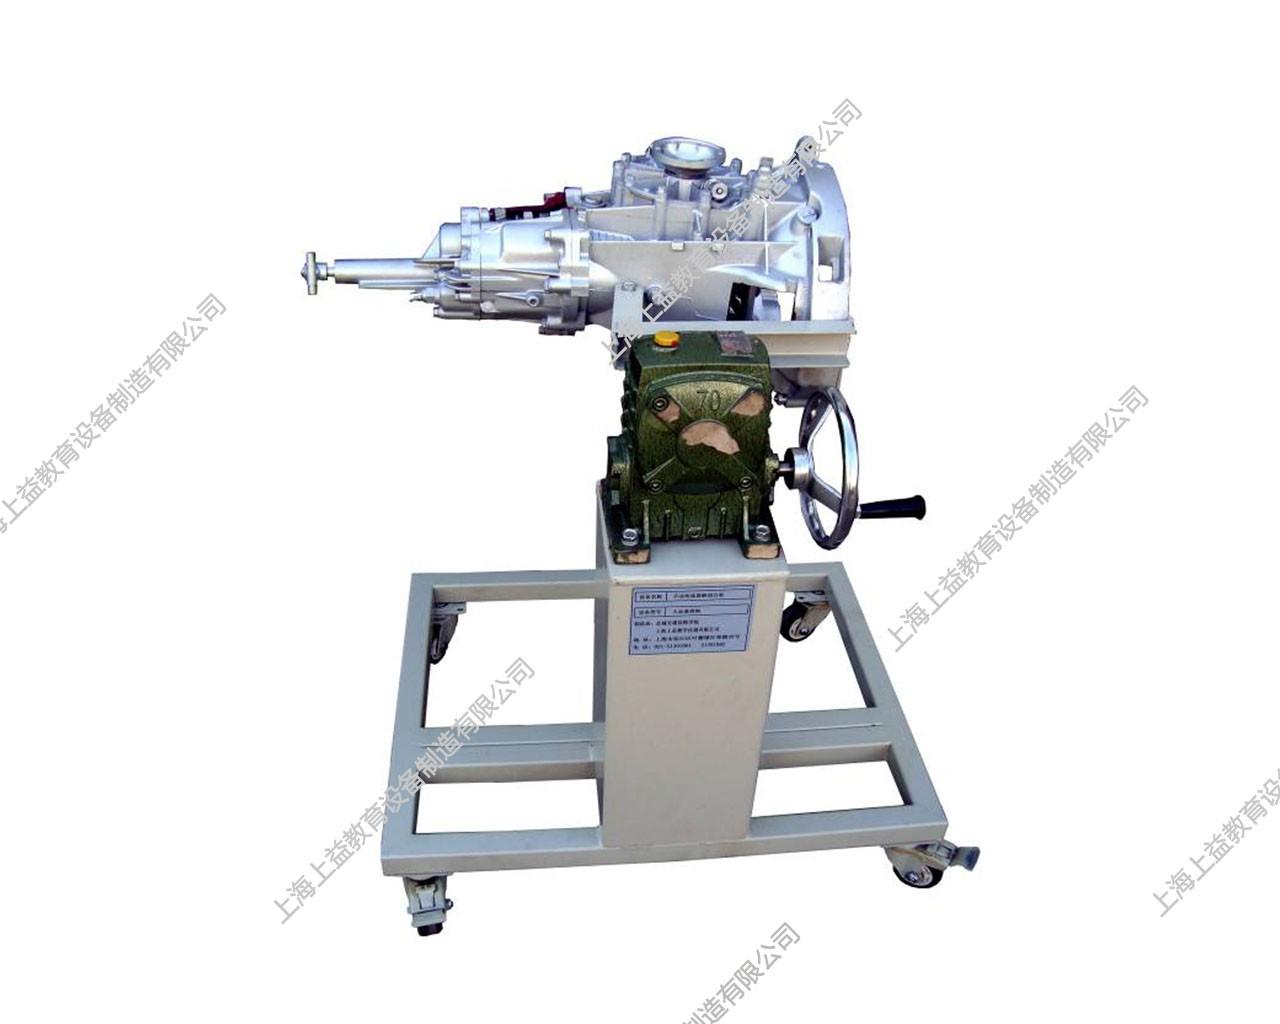 大众桑塔纳手动变速器解剖台架(带翻转架)